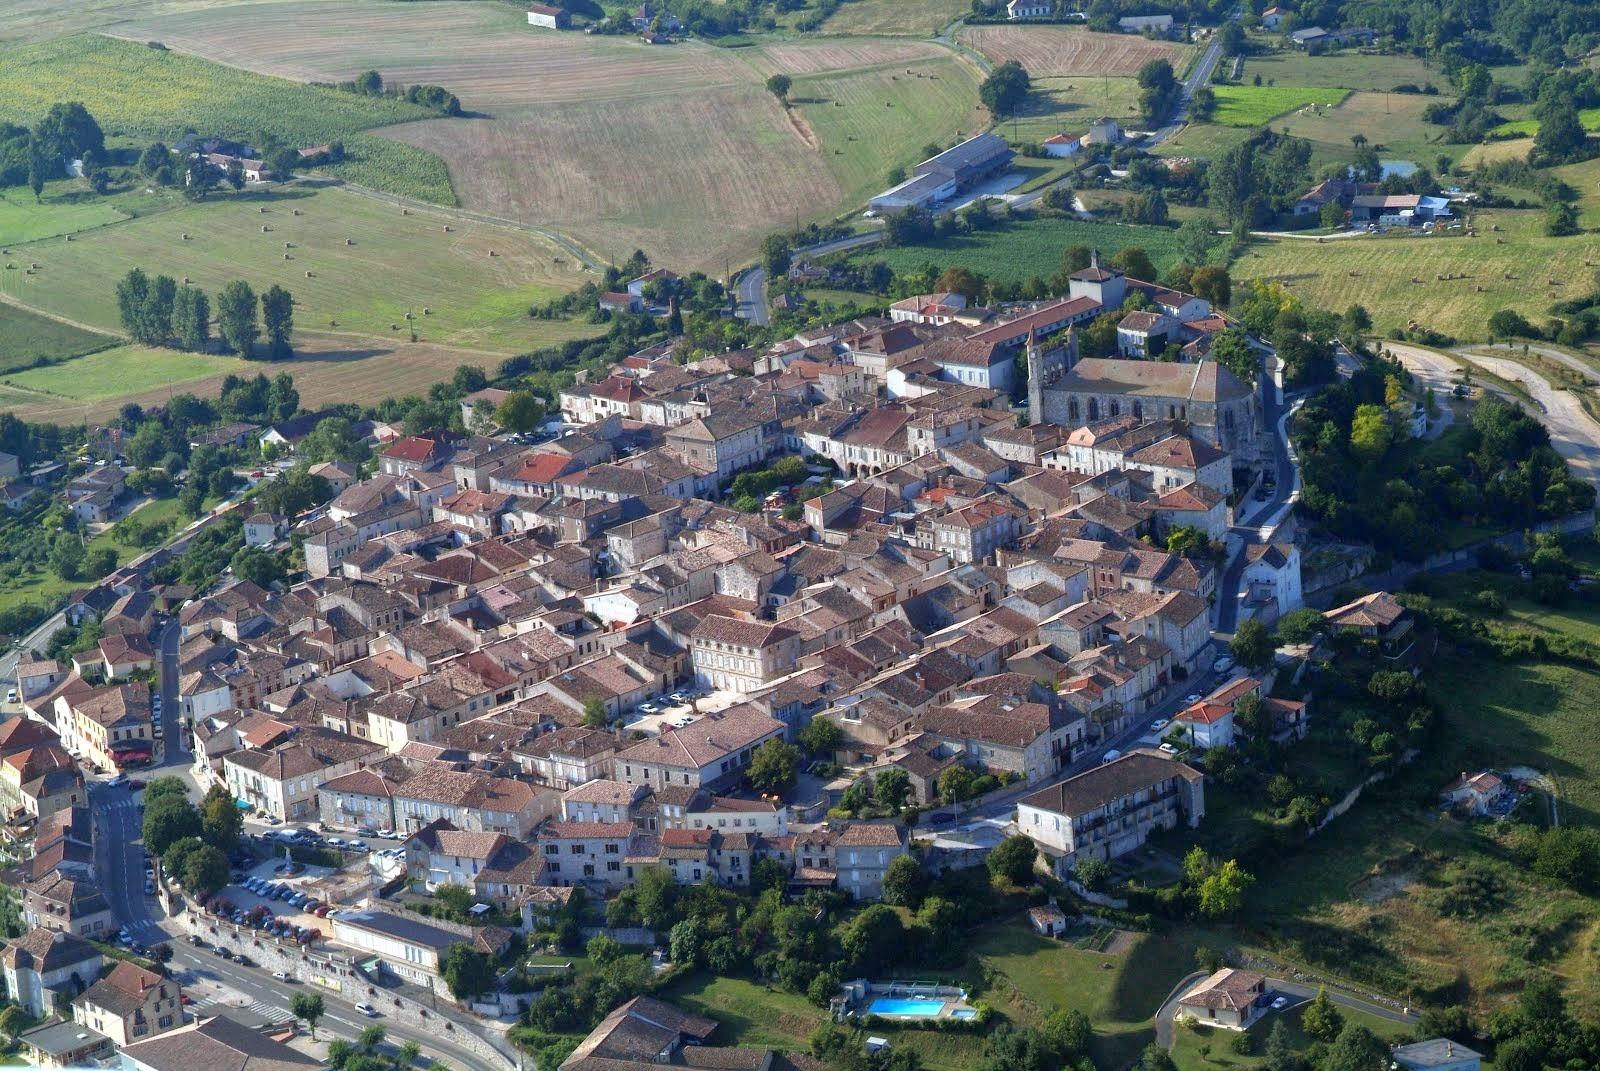 La bastide de Monflanquin